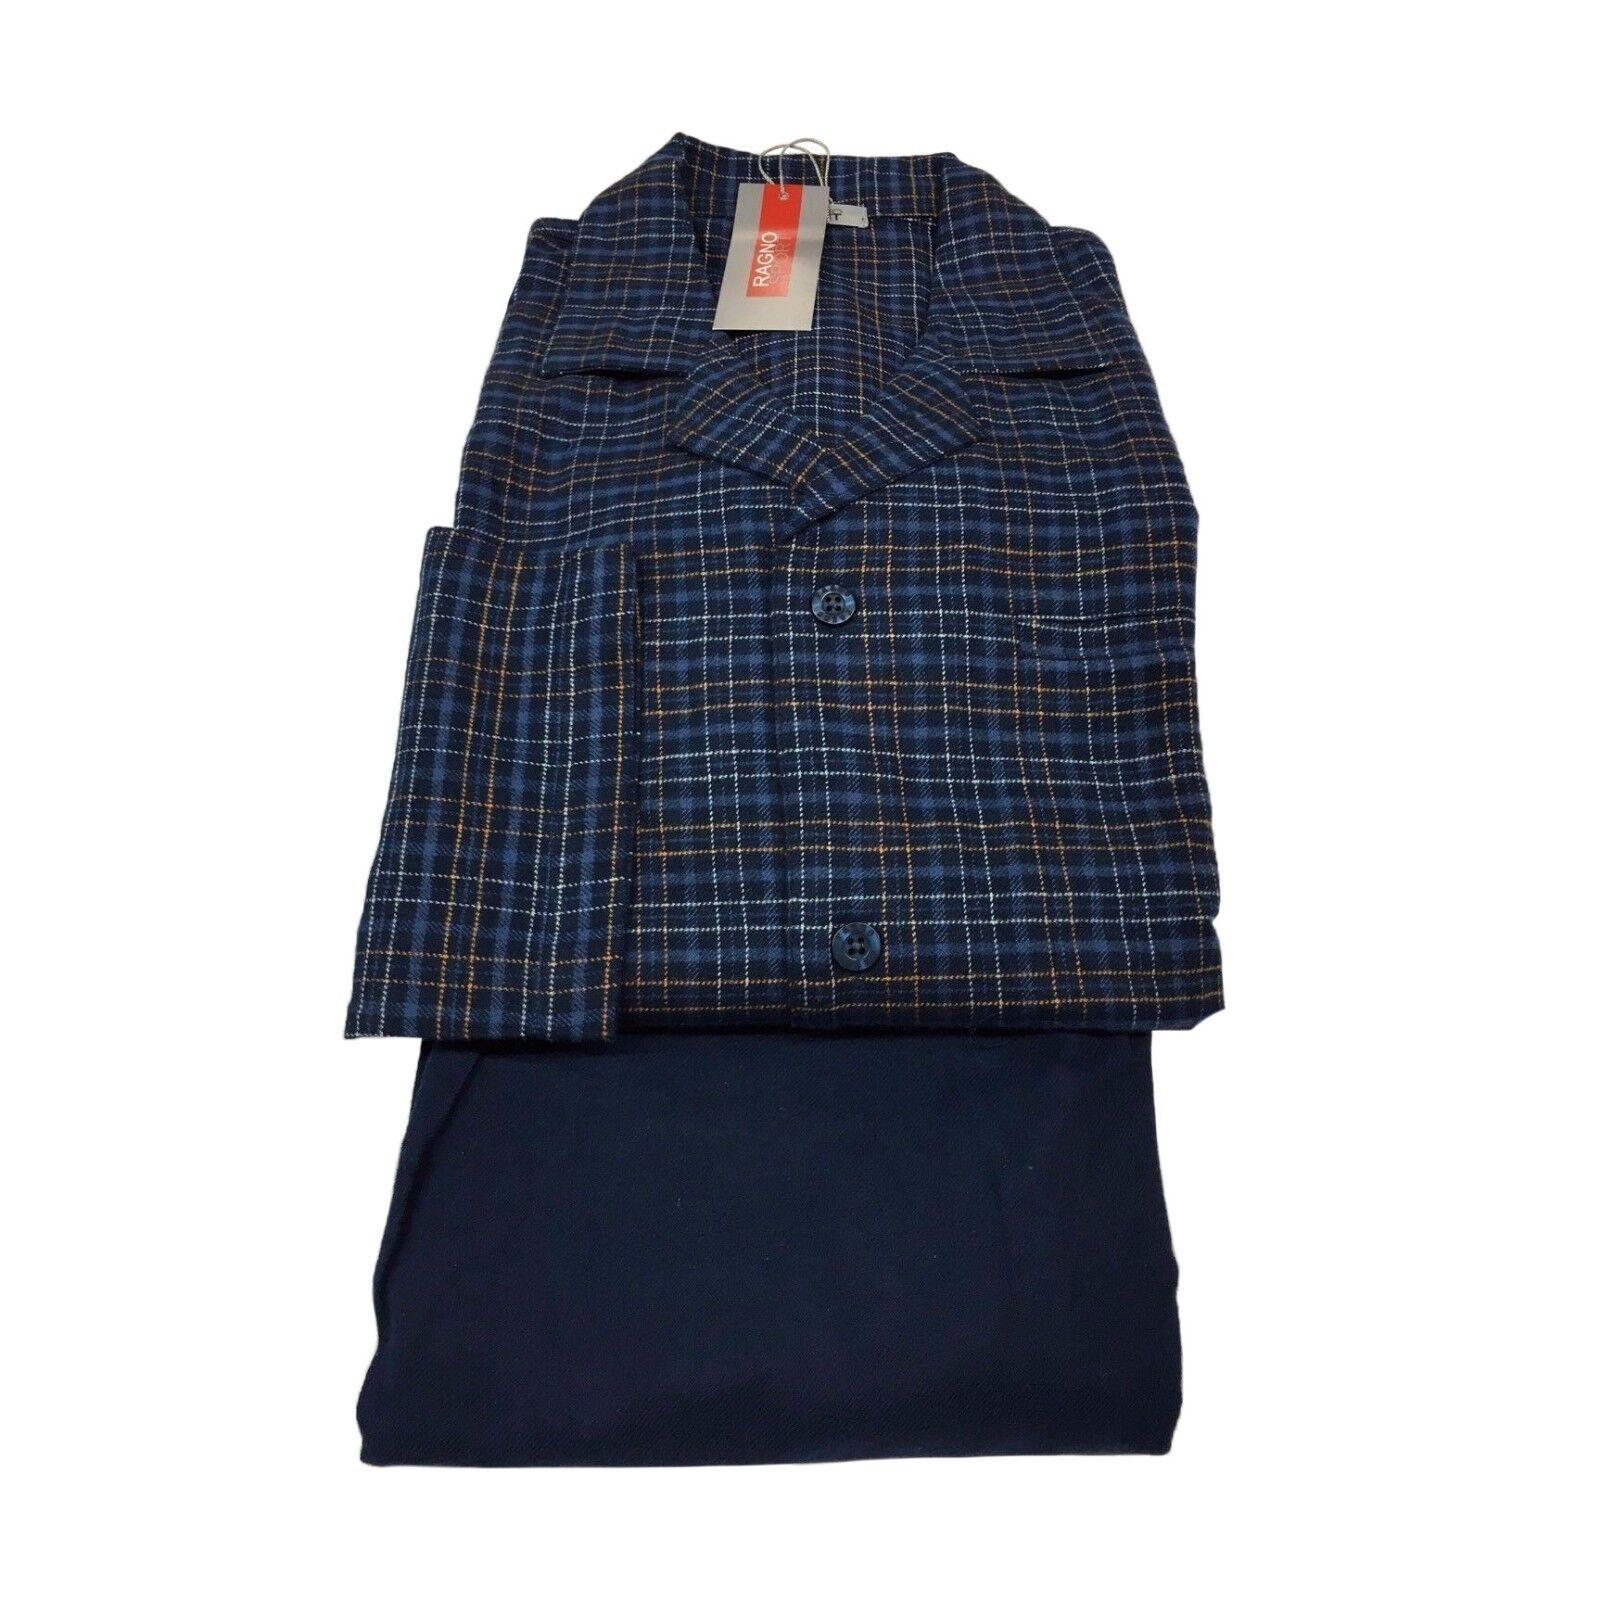 RAGNO SPORT pigiama flanella blue a quadri 100% cotone